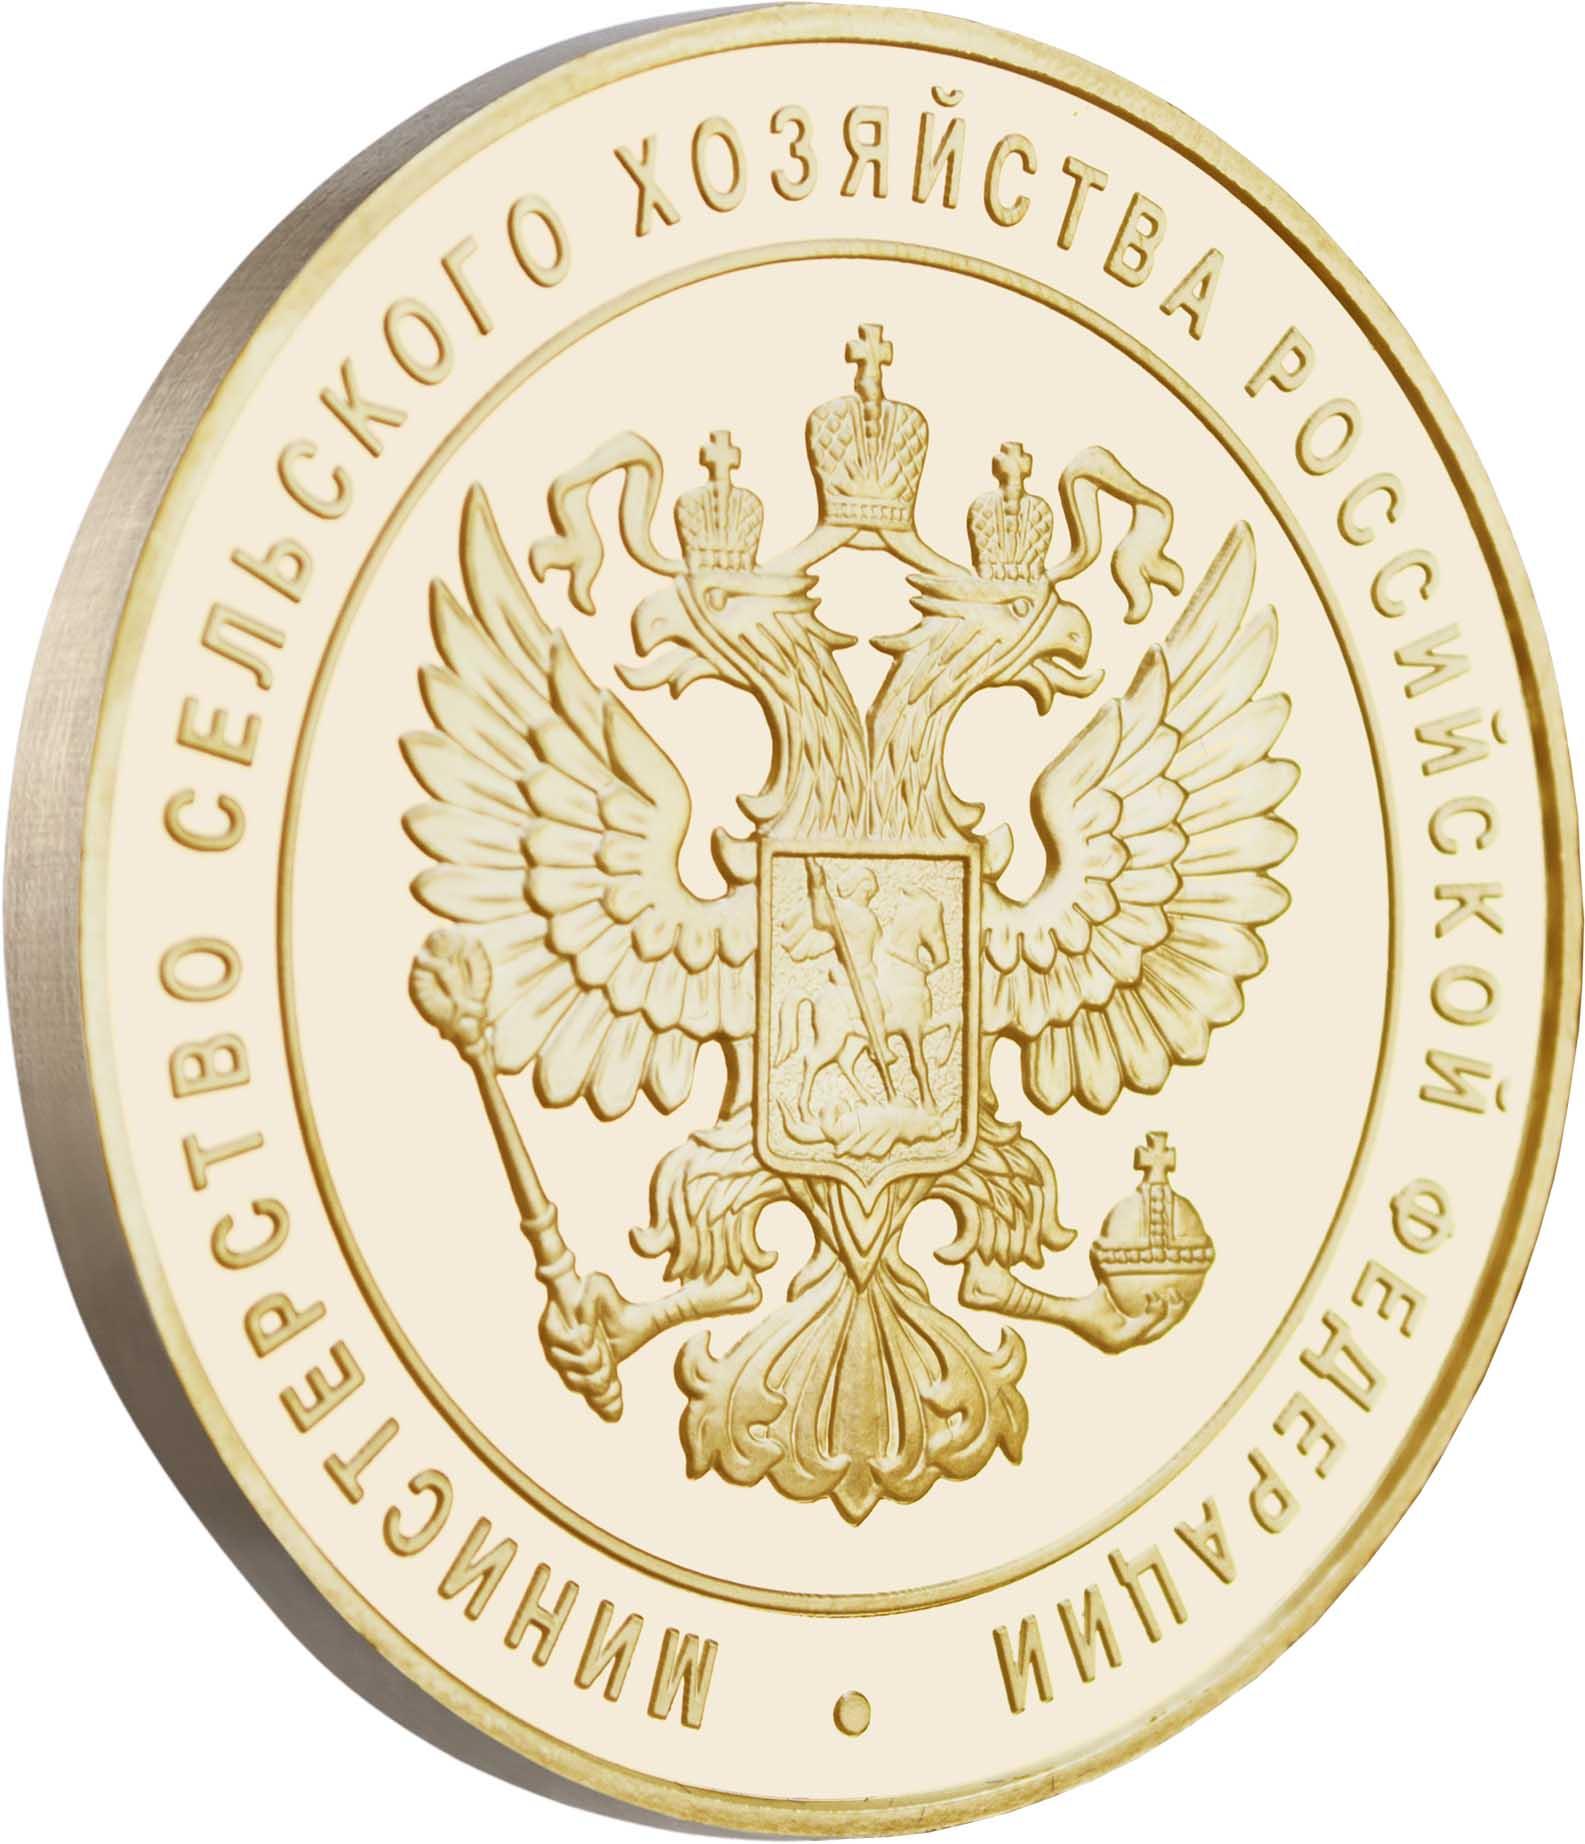 Лучший продукт ПРОД ЭКСПО 2018 - Золотая медаль задняя сторона